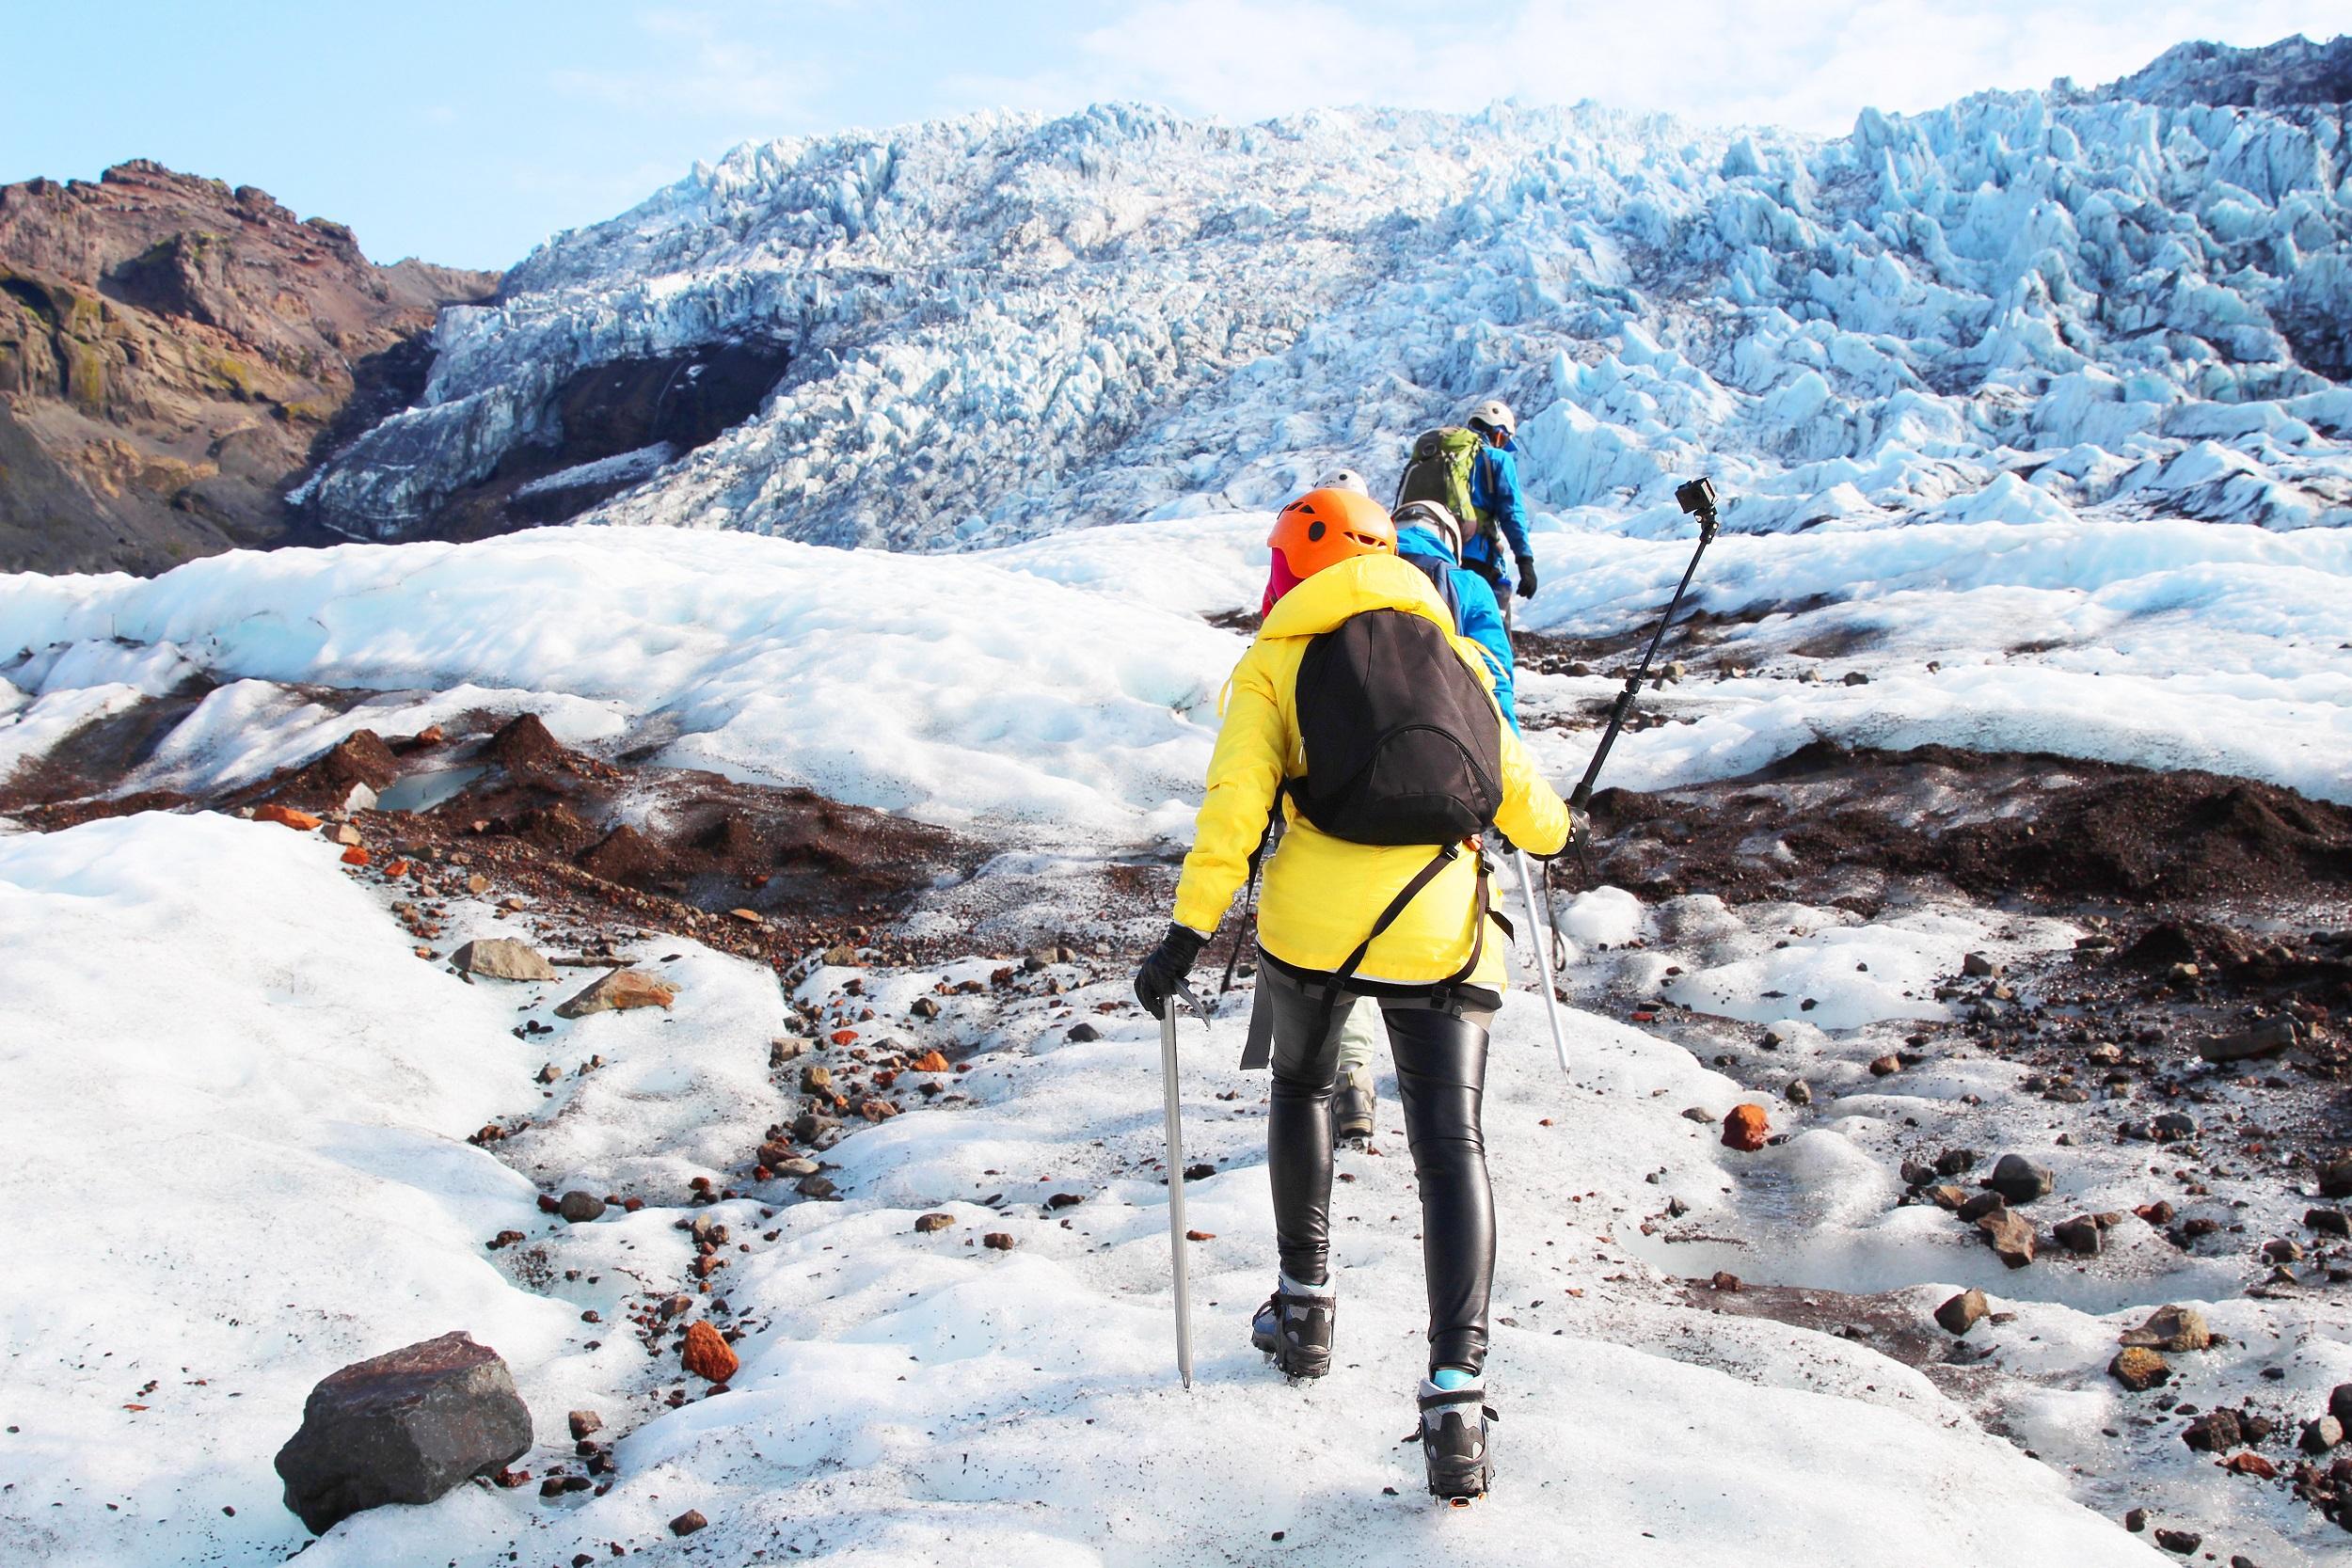 ปีนขึ้นไปบนโวลเฮมาโจกุลในทางตอนใต้ของประเทศไอซ์แลนด์ เพื่อประสบการณ์น้ำแข็งในประเทศไอซ์แลนด์